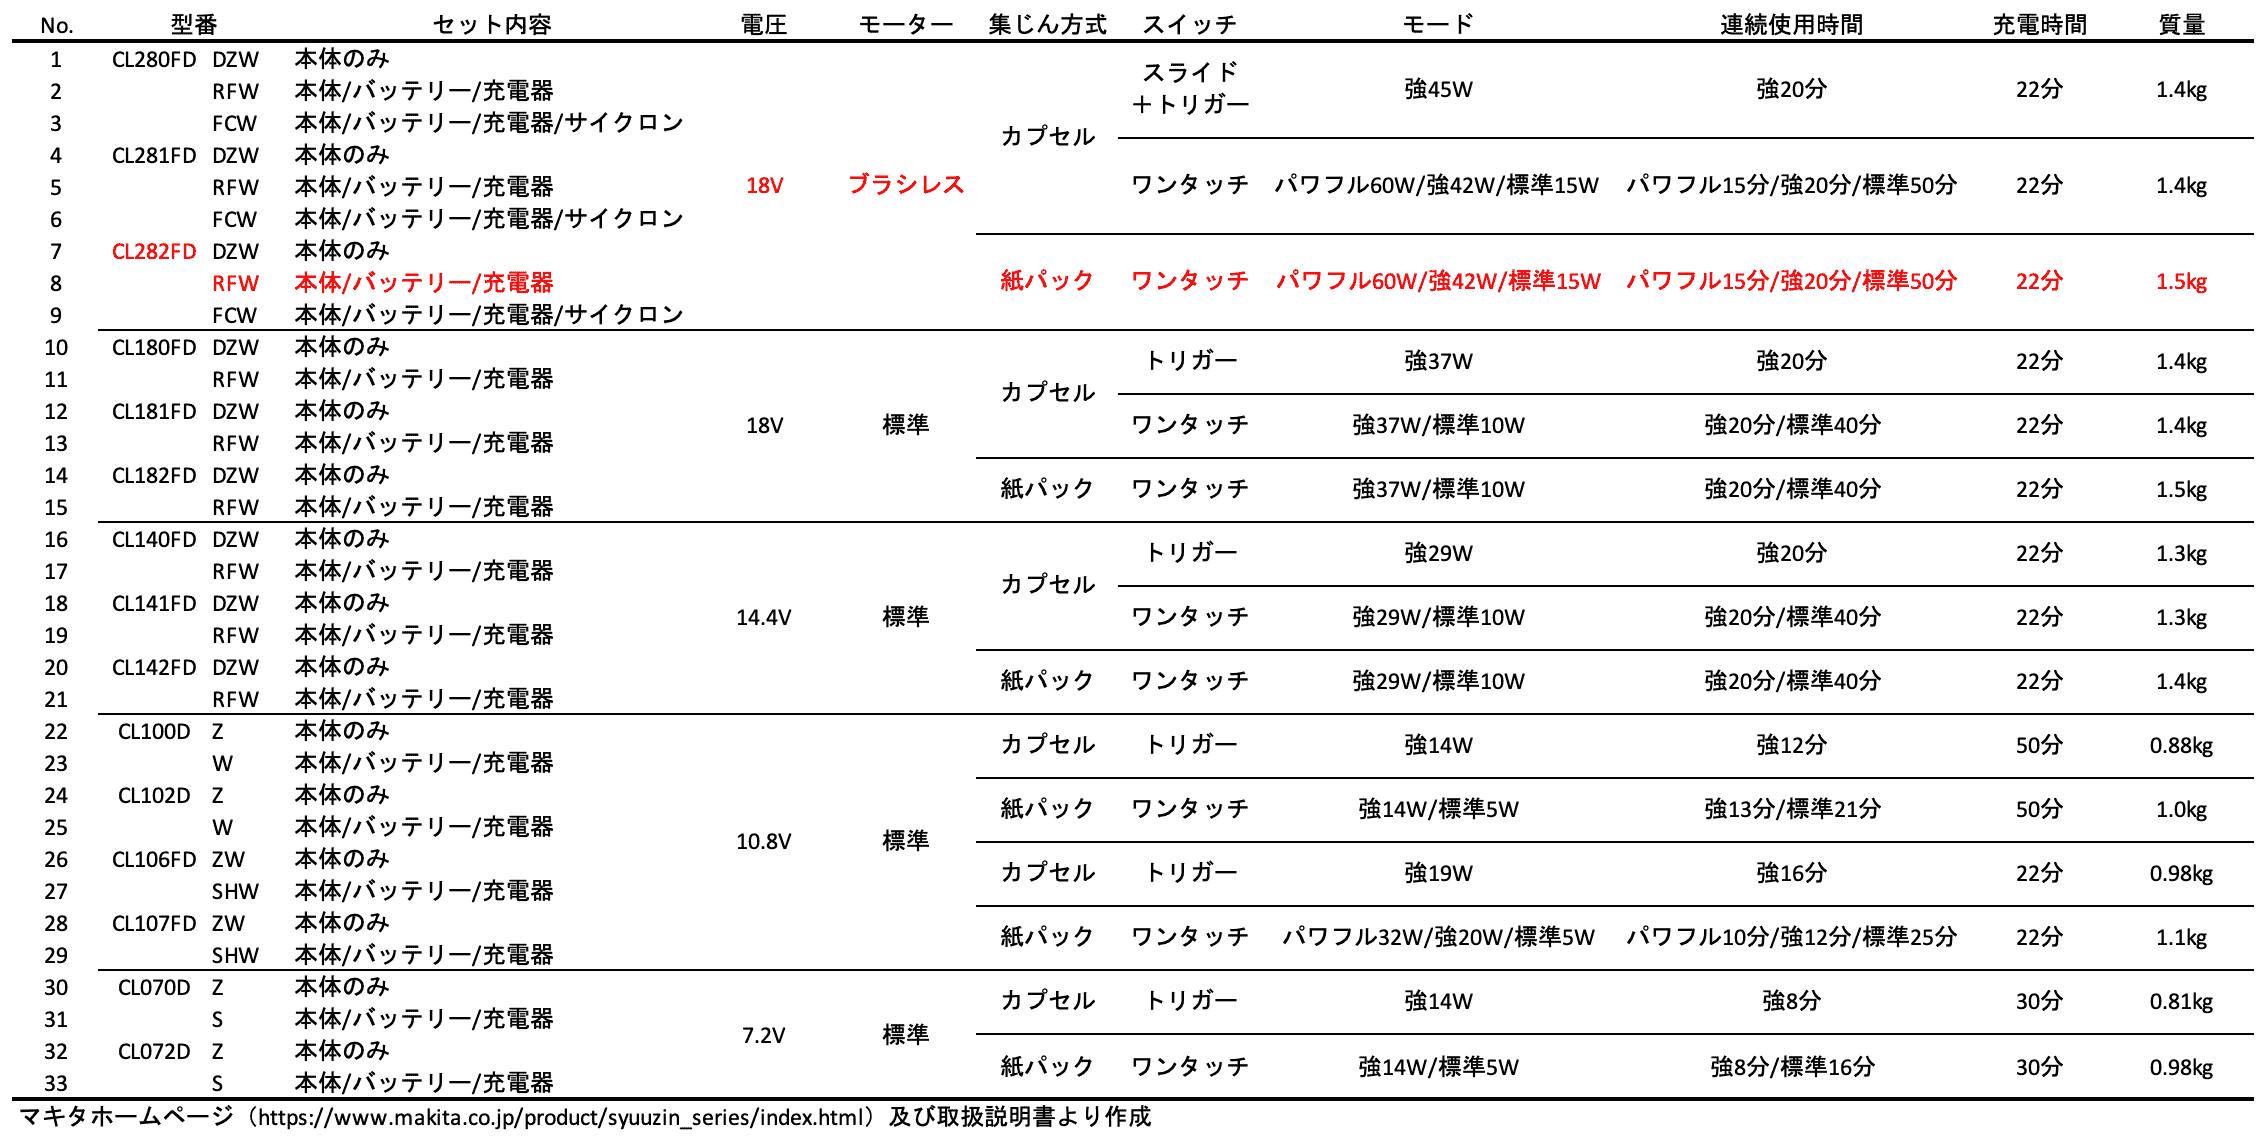 マキタコードレスクリーナ全機種一覧比較